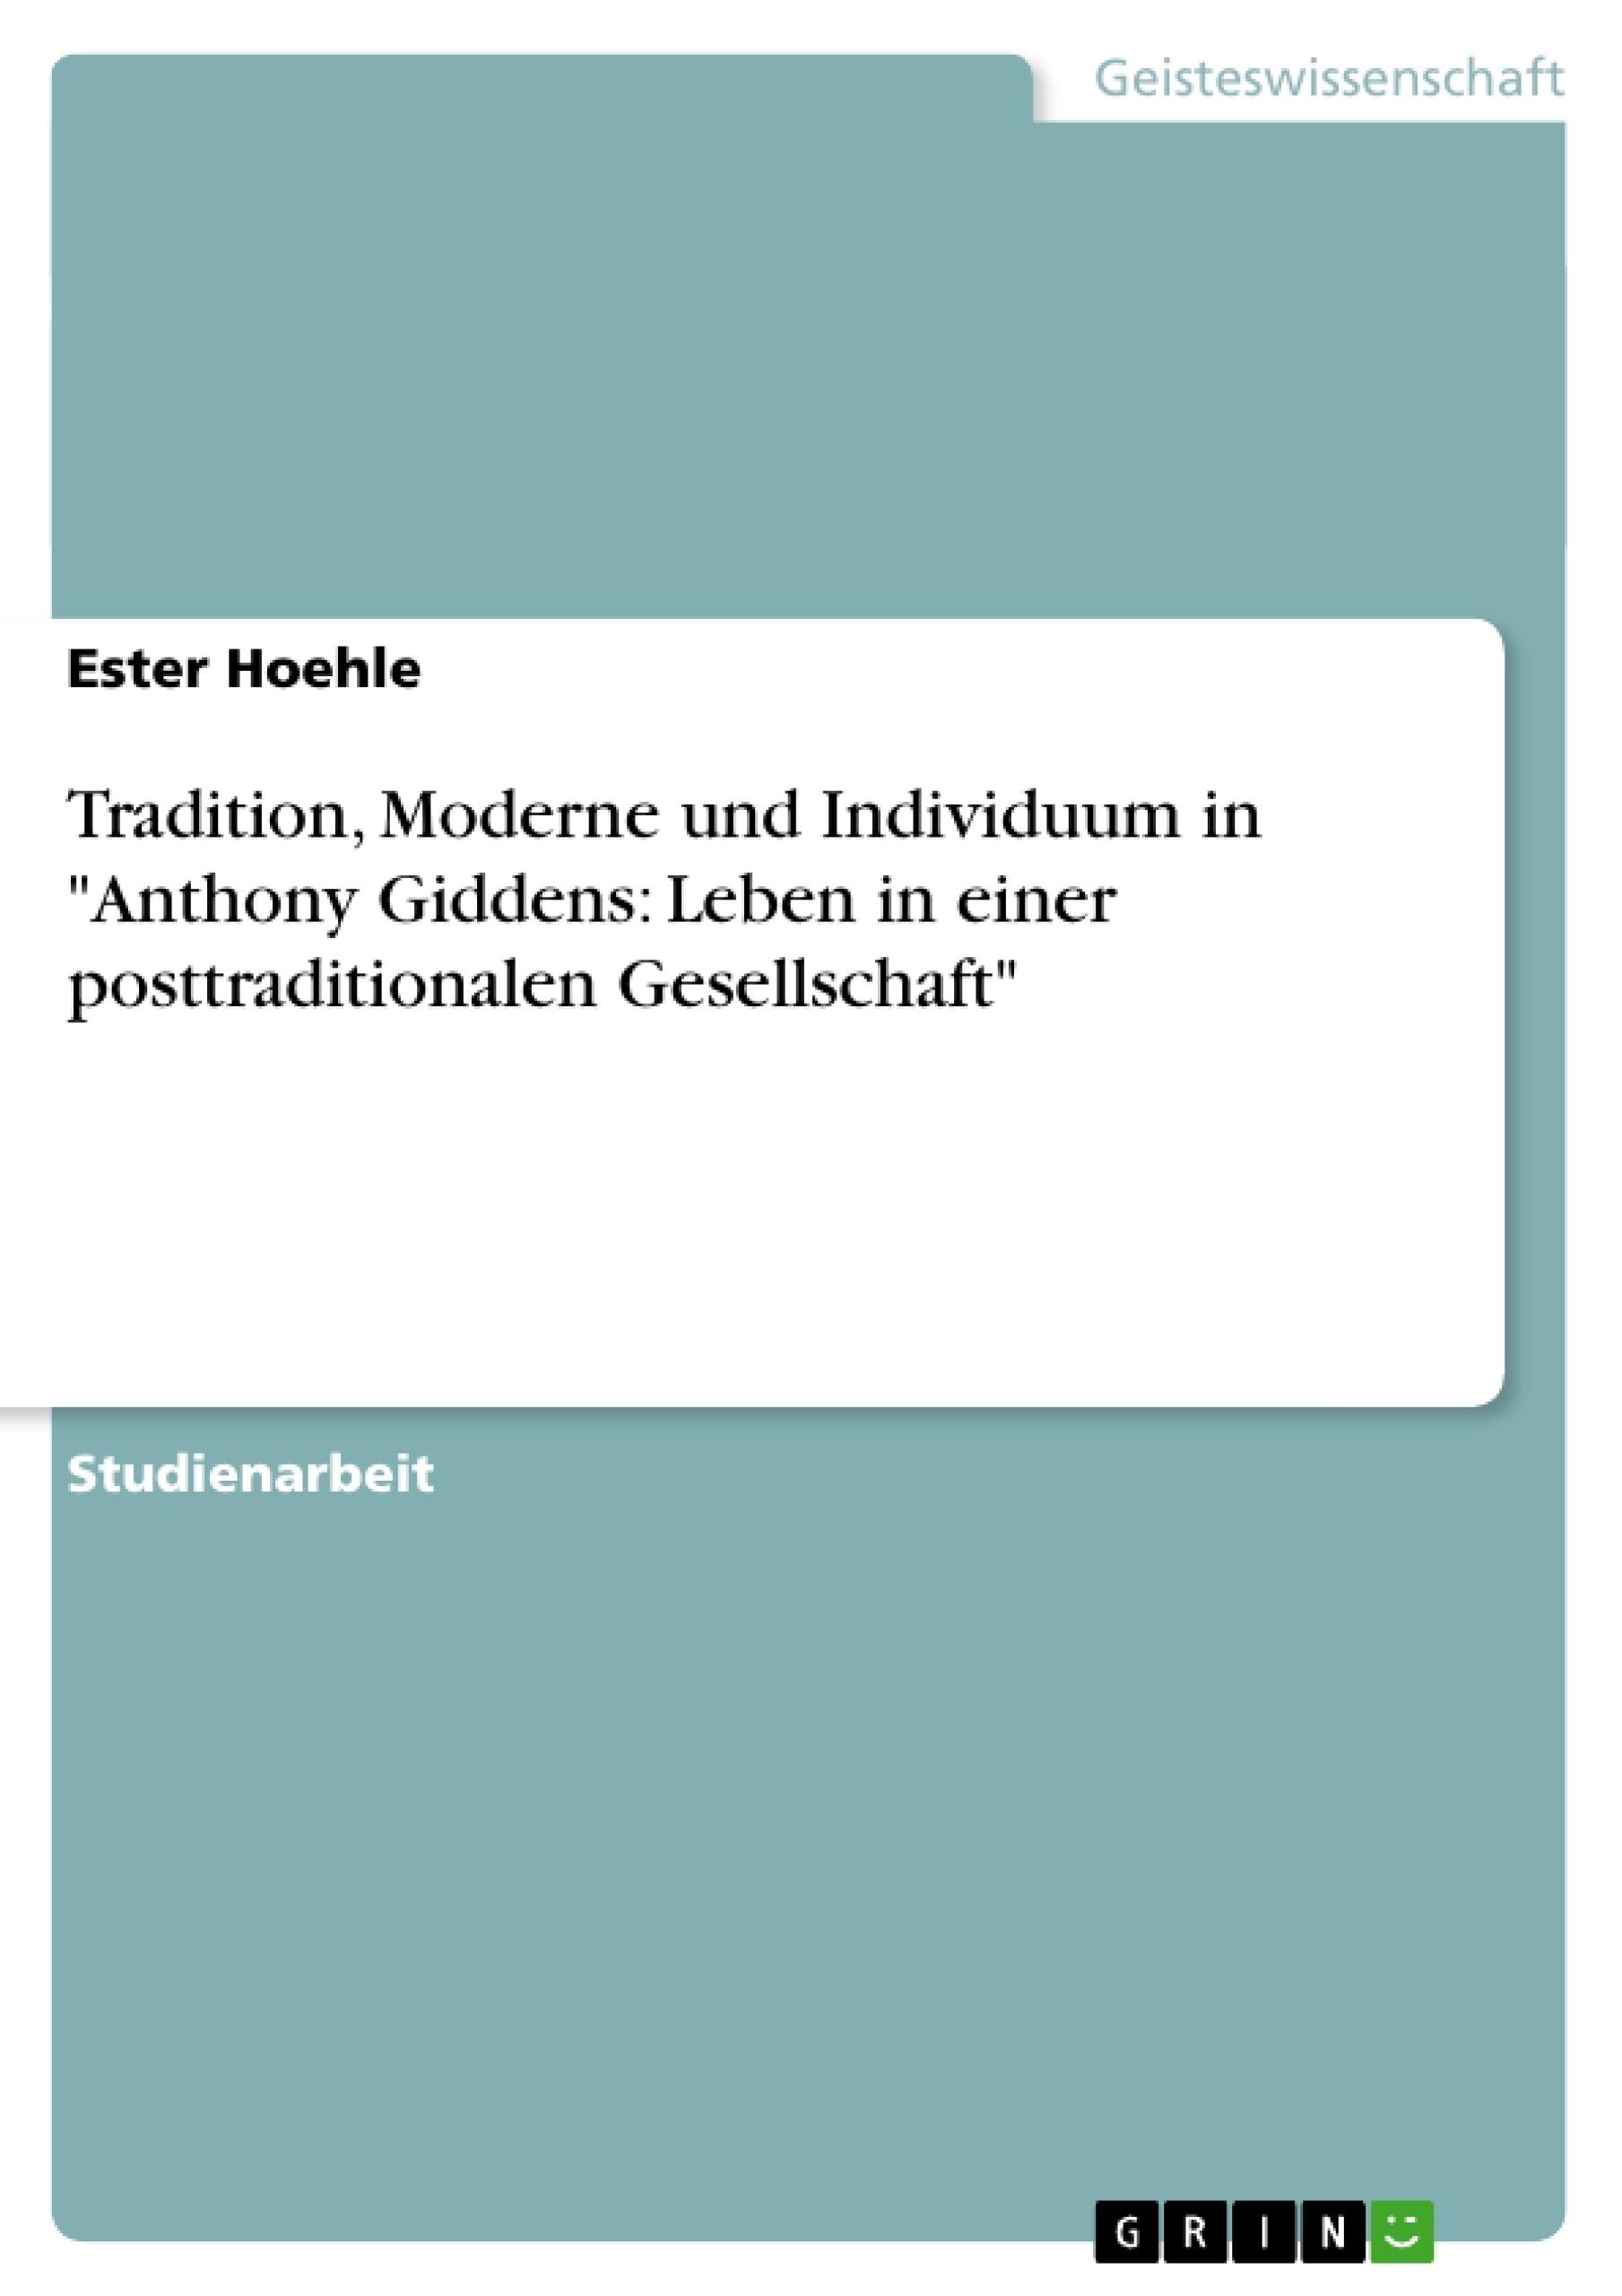 """Titel: Tradition, Moderne und Individuum in """"Anthony Giddens: Leben in einer posttraditionalen Gesellschaft"""""""